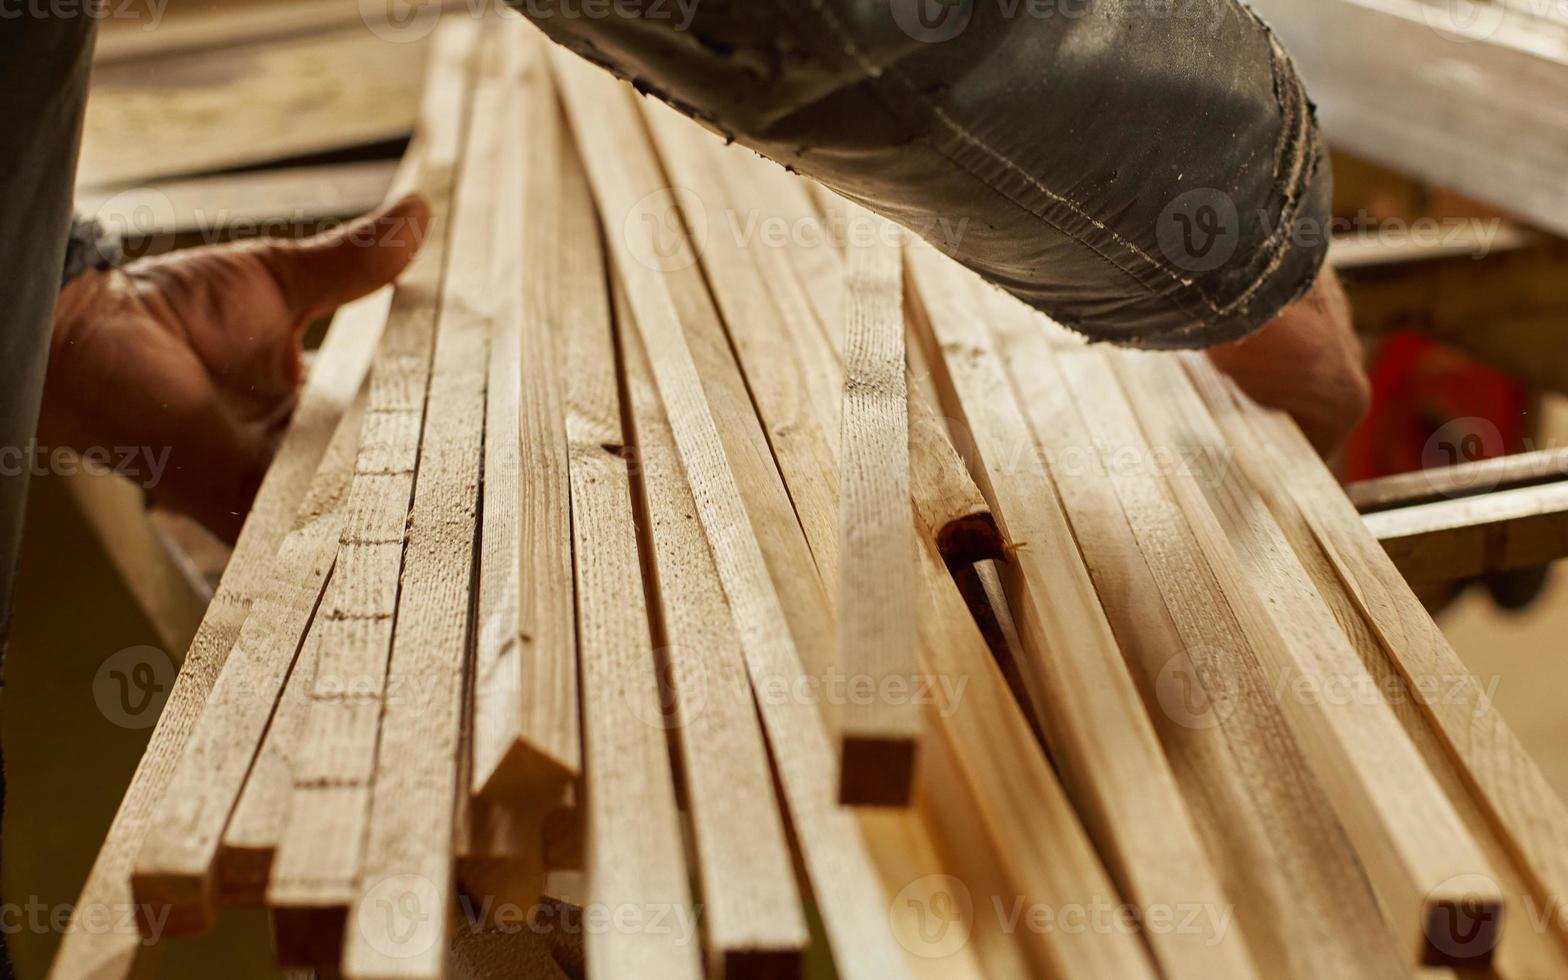 homme travaillant avec des planches de bois photo